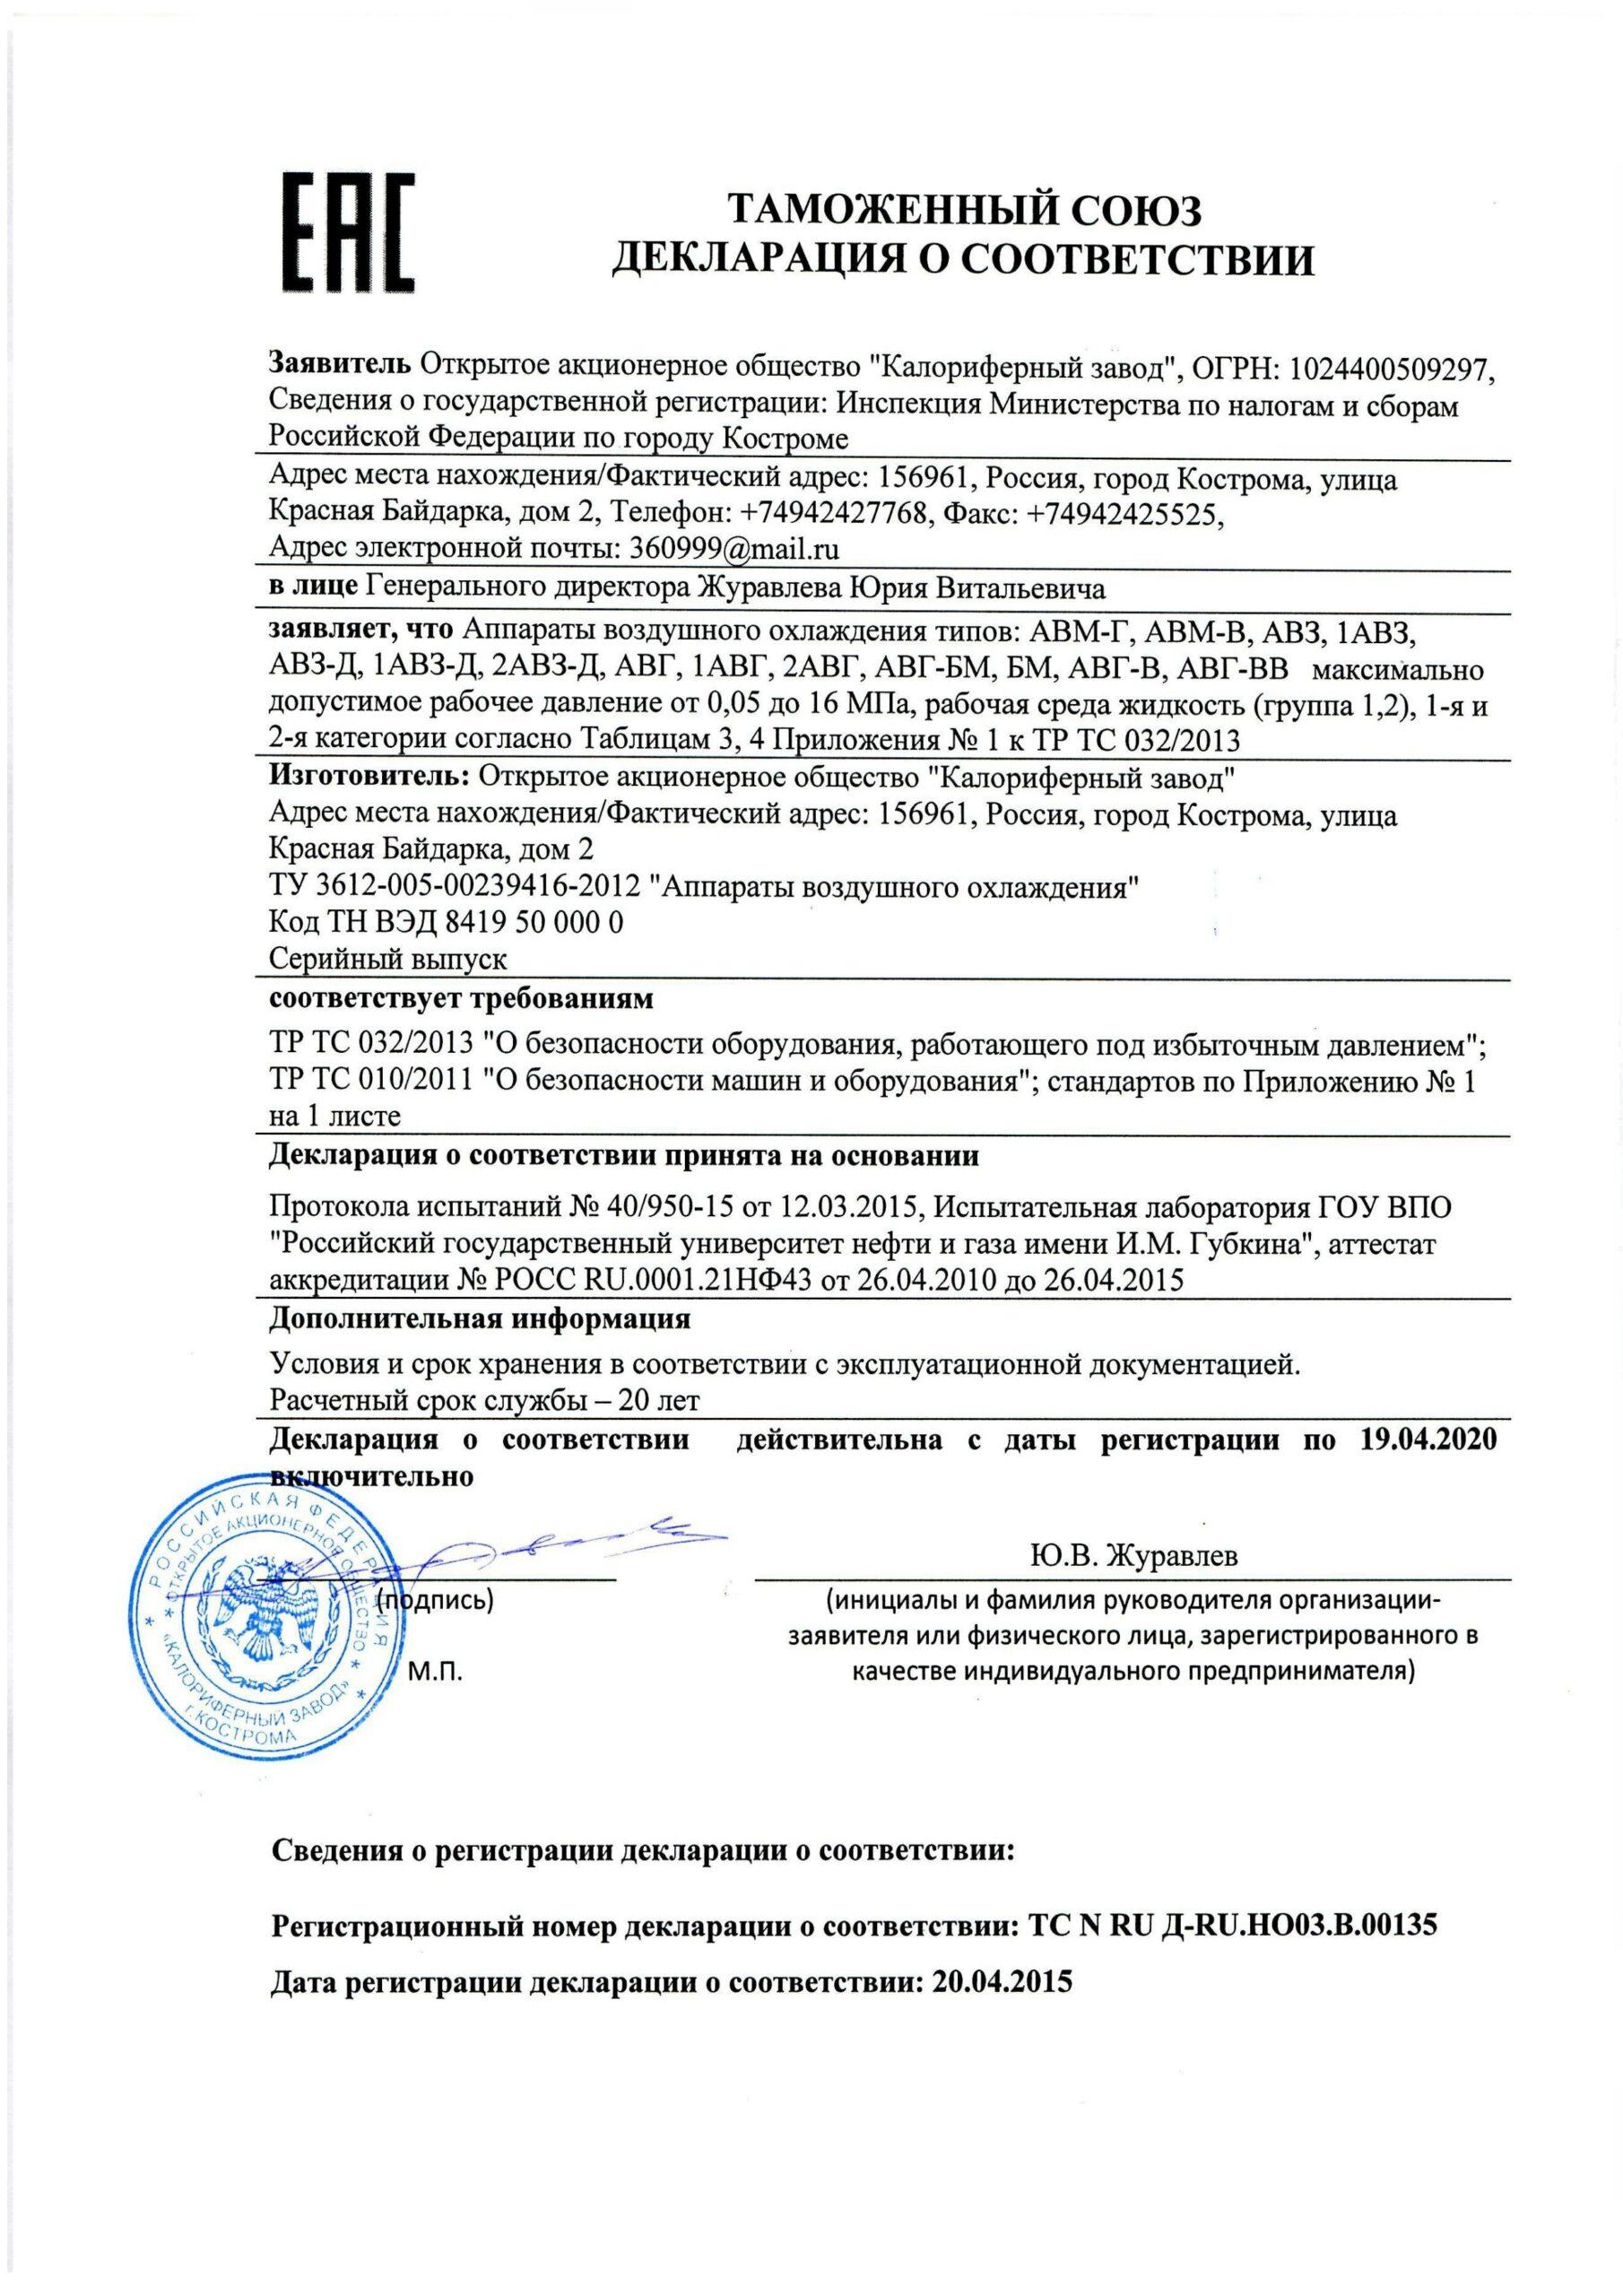 Декларация о соответствии АВО